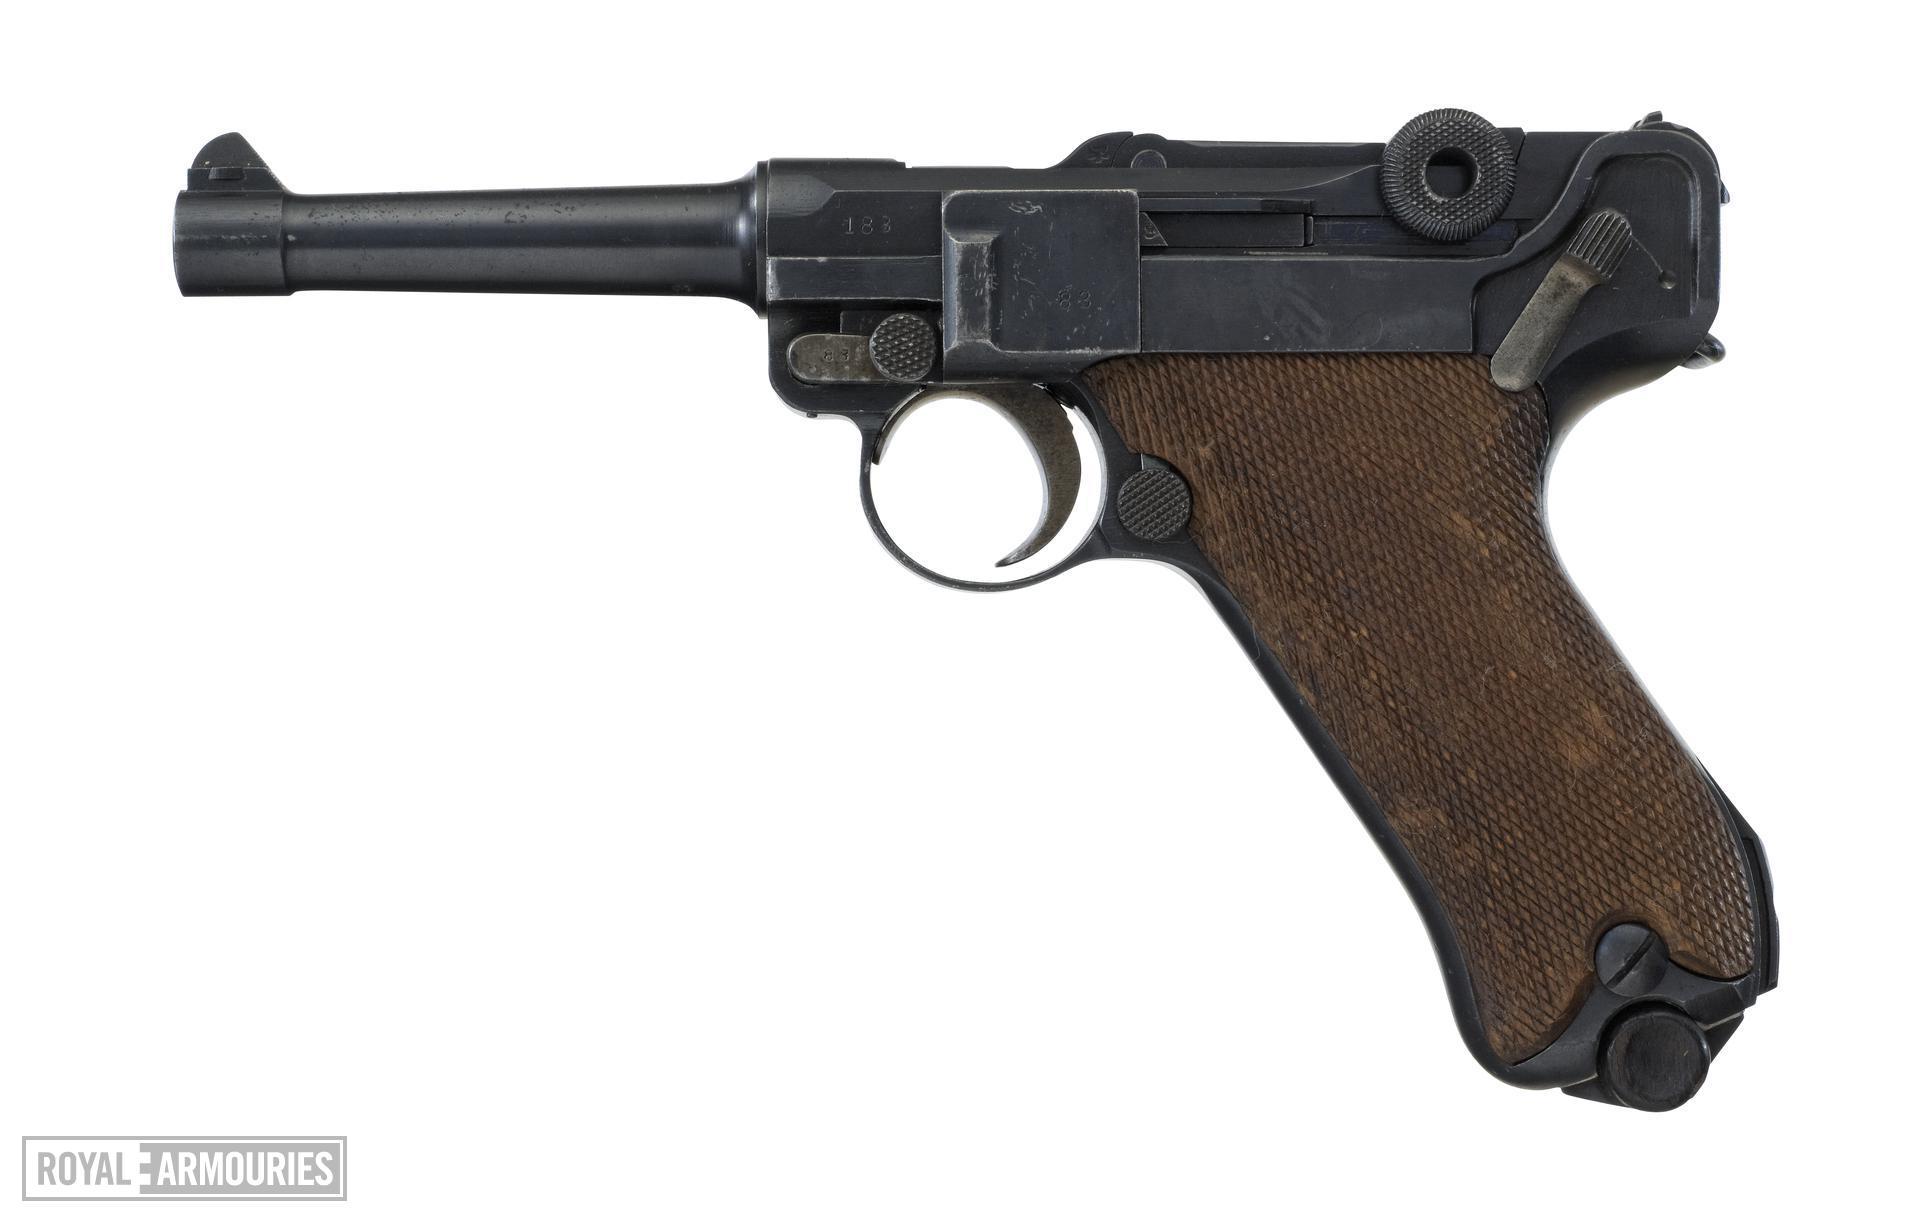 Centrefire self-loading pistol - Luger Model PO8